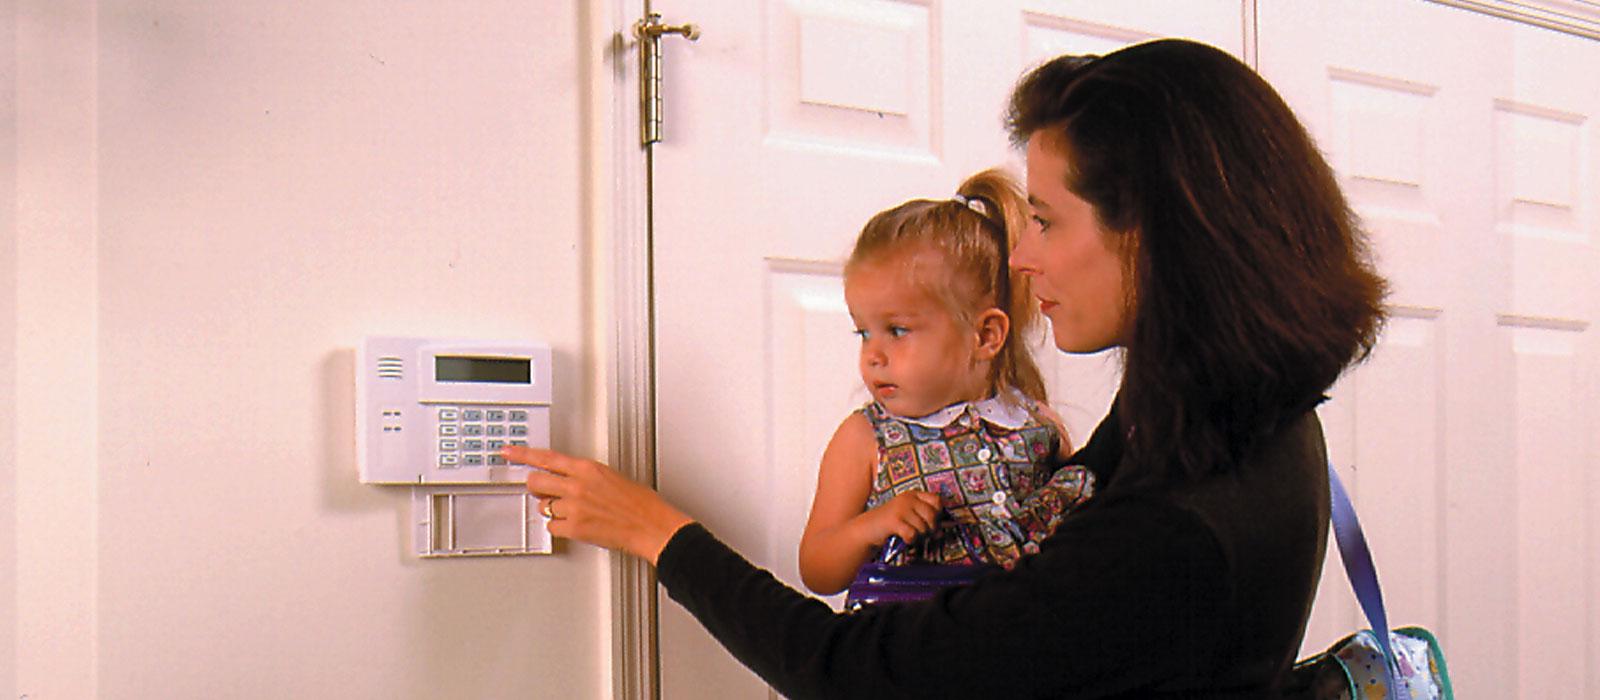 Как установить сигнализацию в квартиру в Краснодаре?